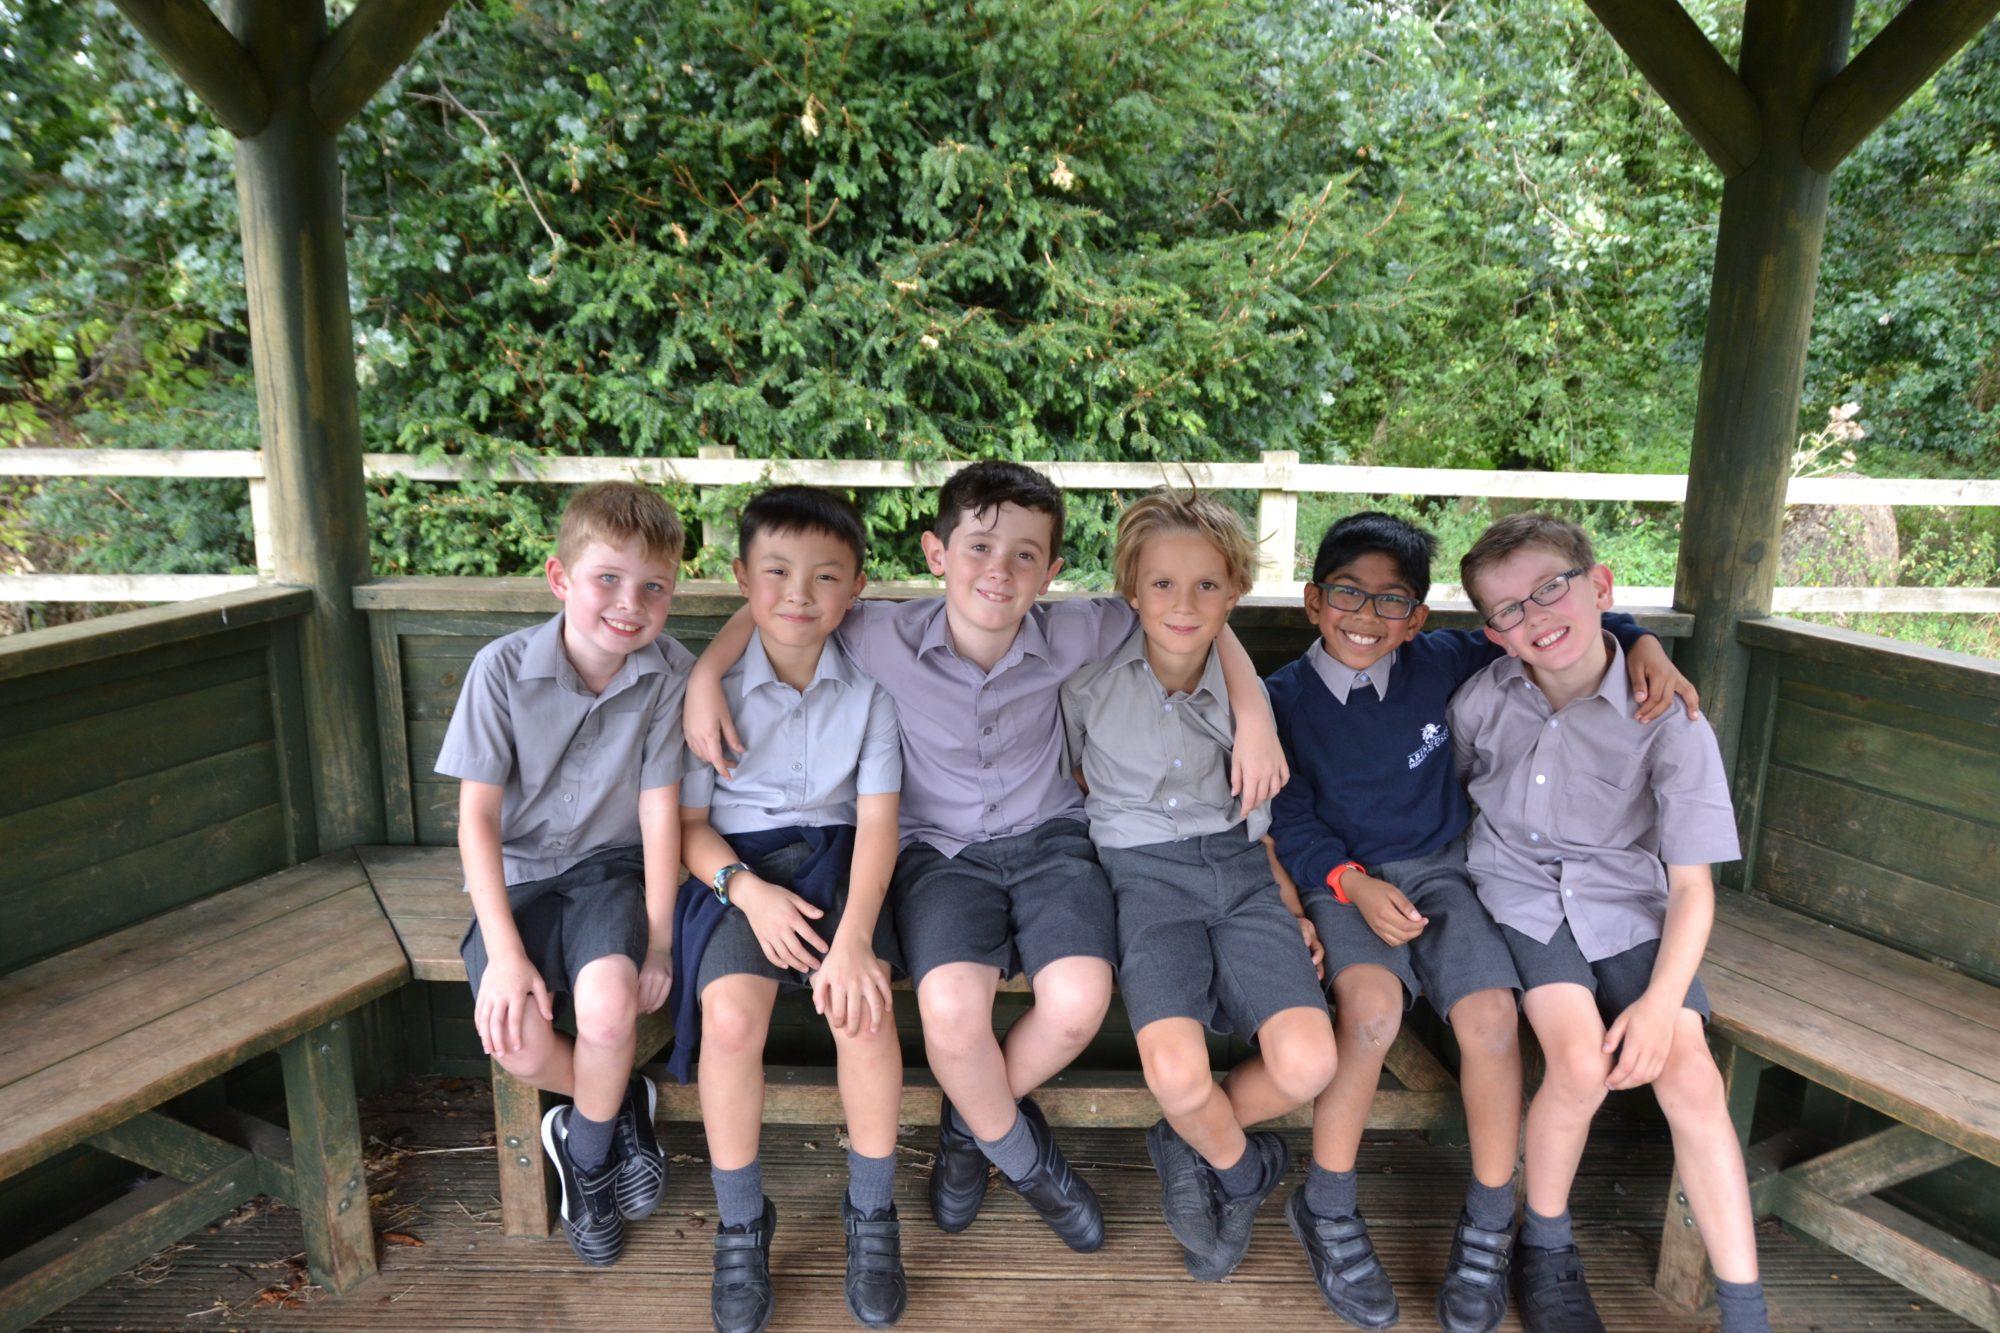 Abingdon Prep School pupils